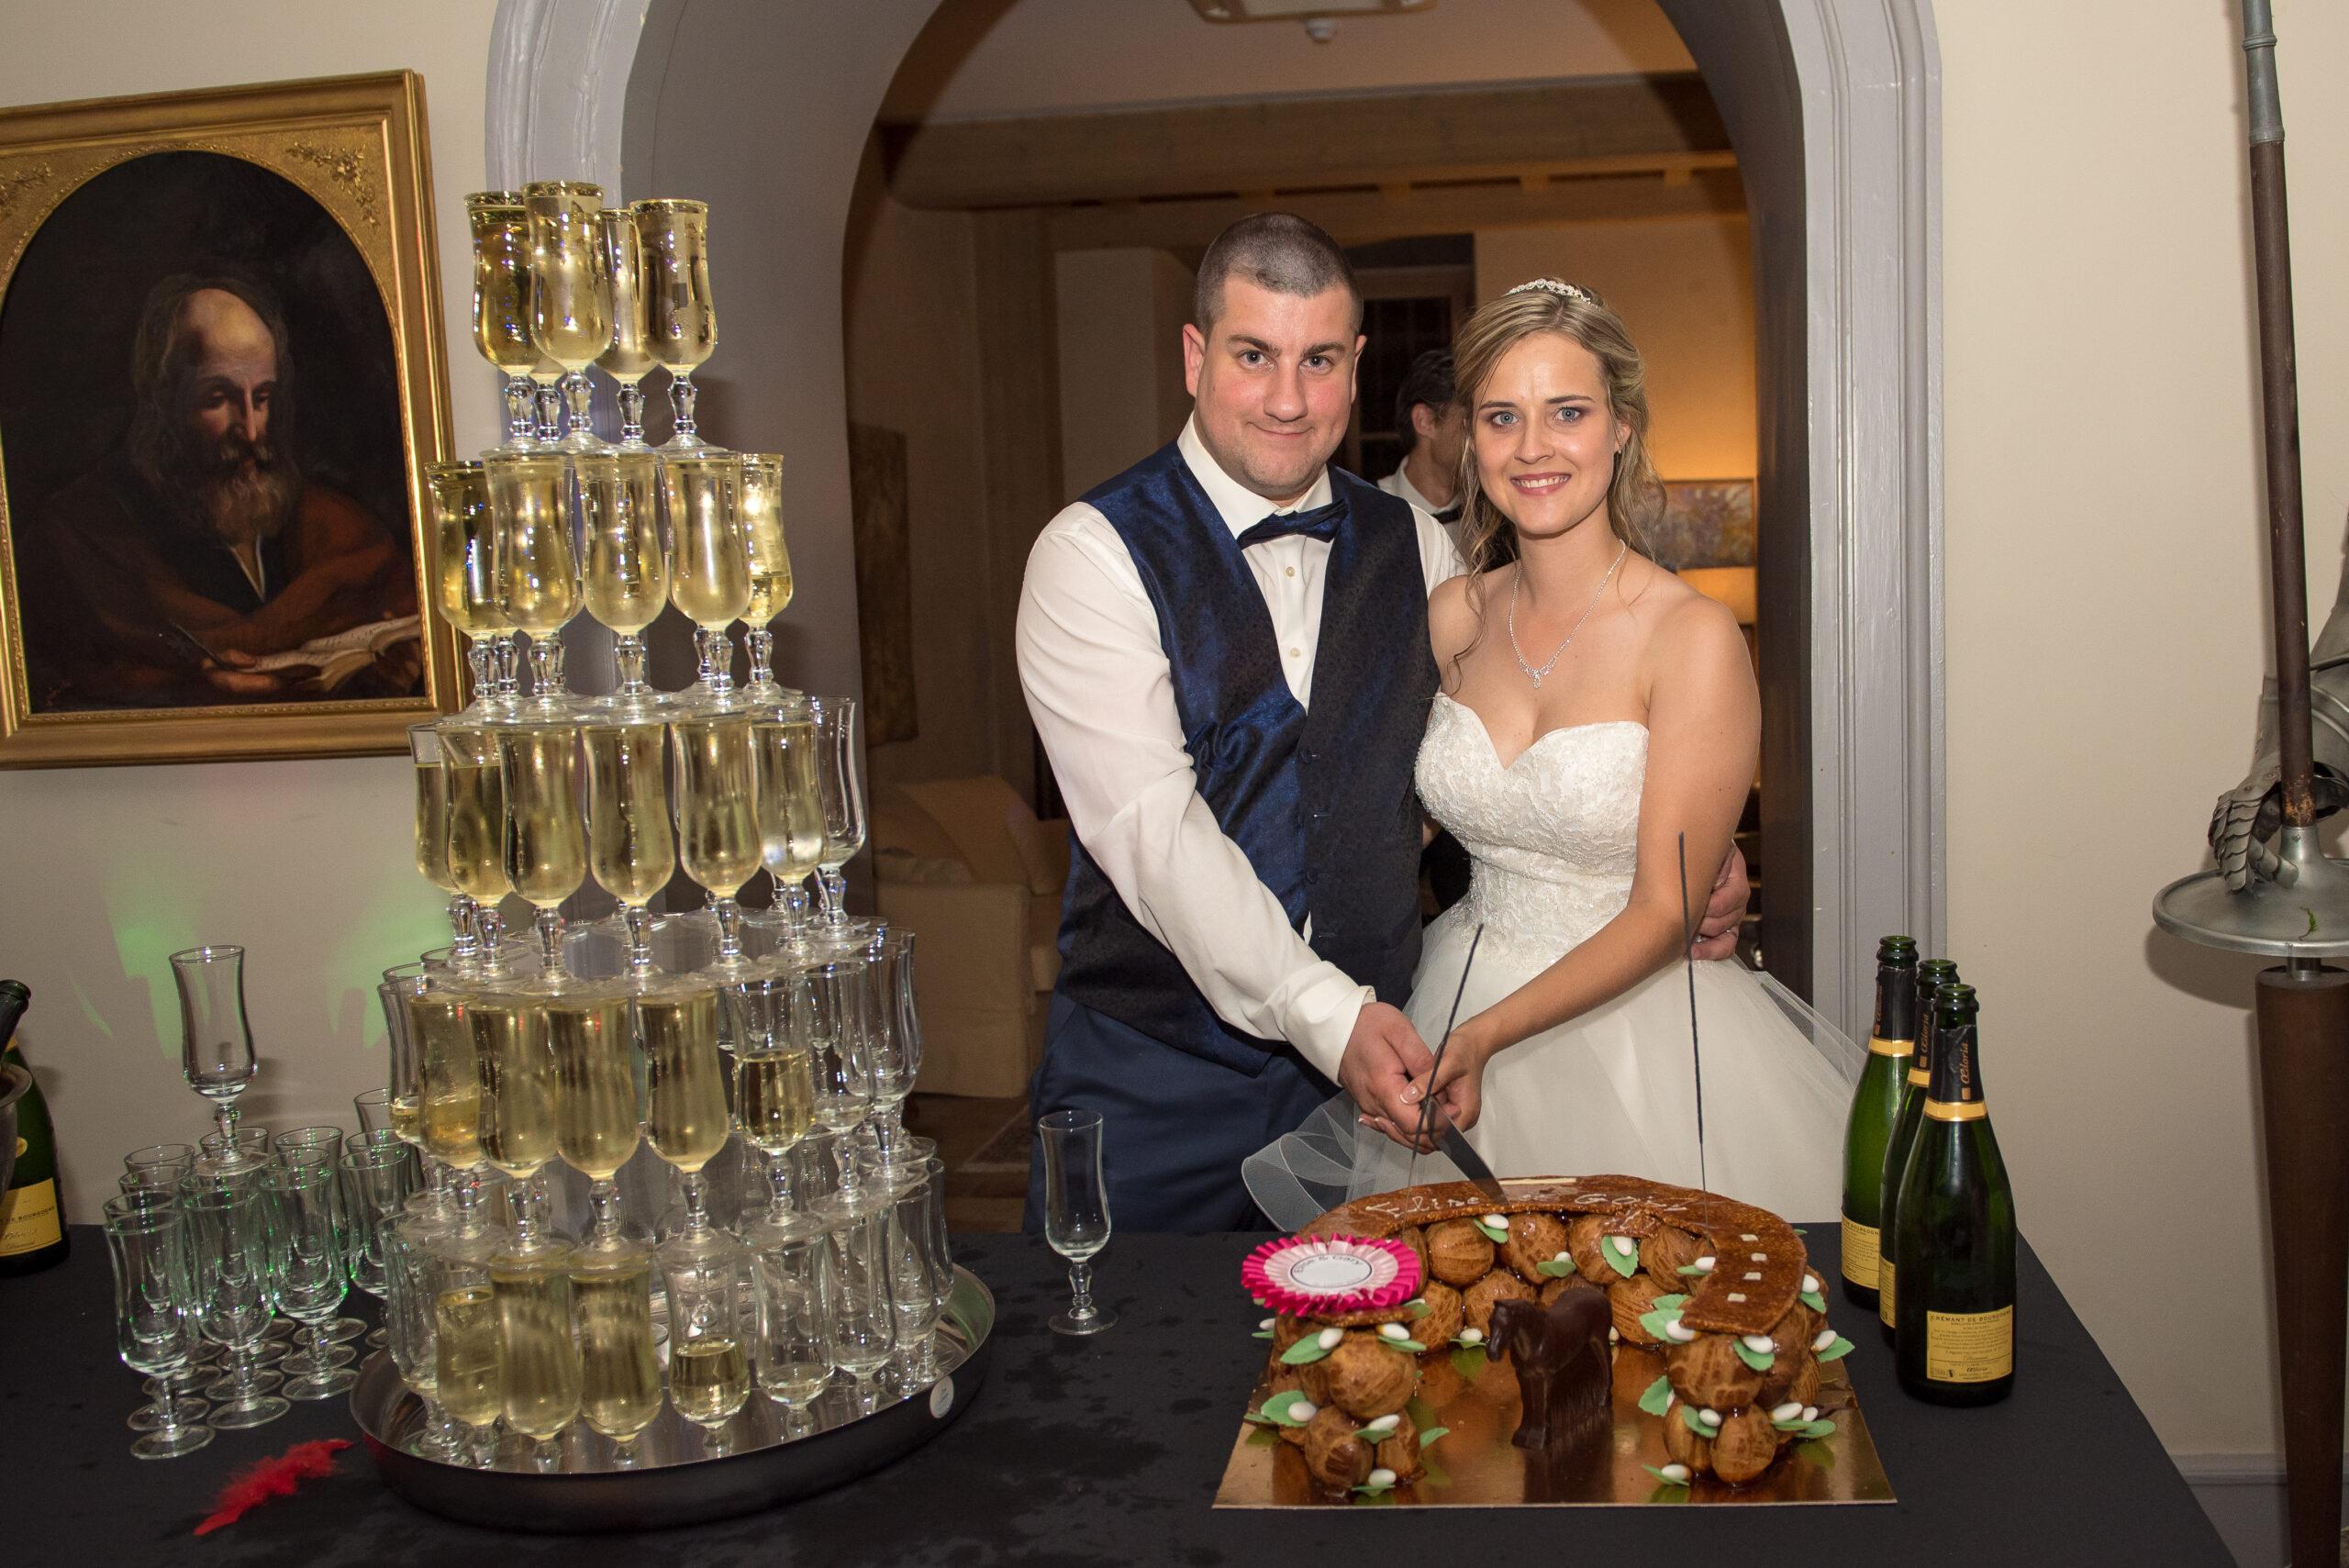 Mariés en train de couper leur gâteau de mariage lors de leur soirée organisée par Dj Art Song Production